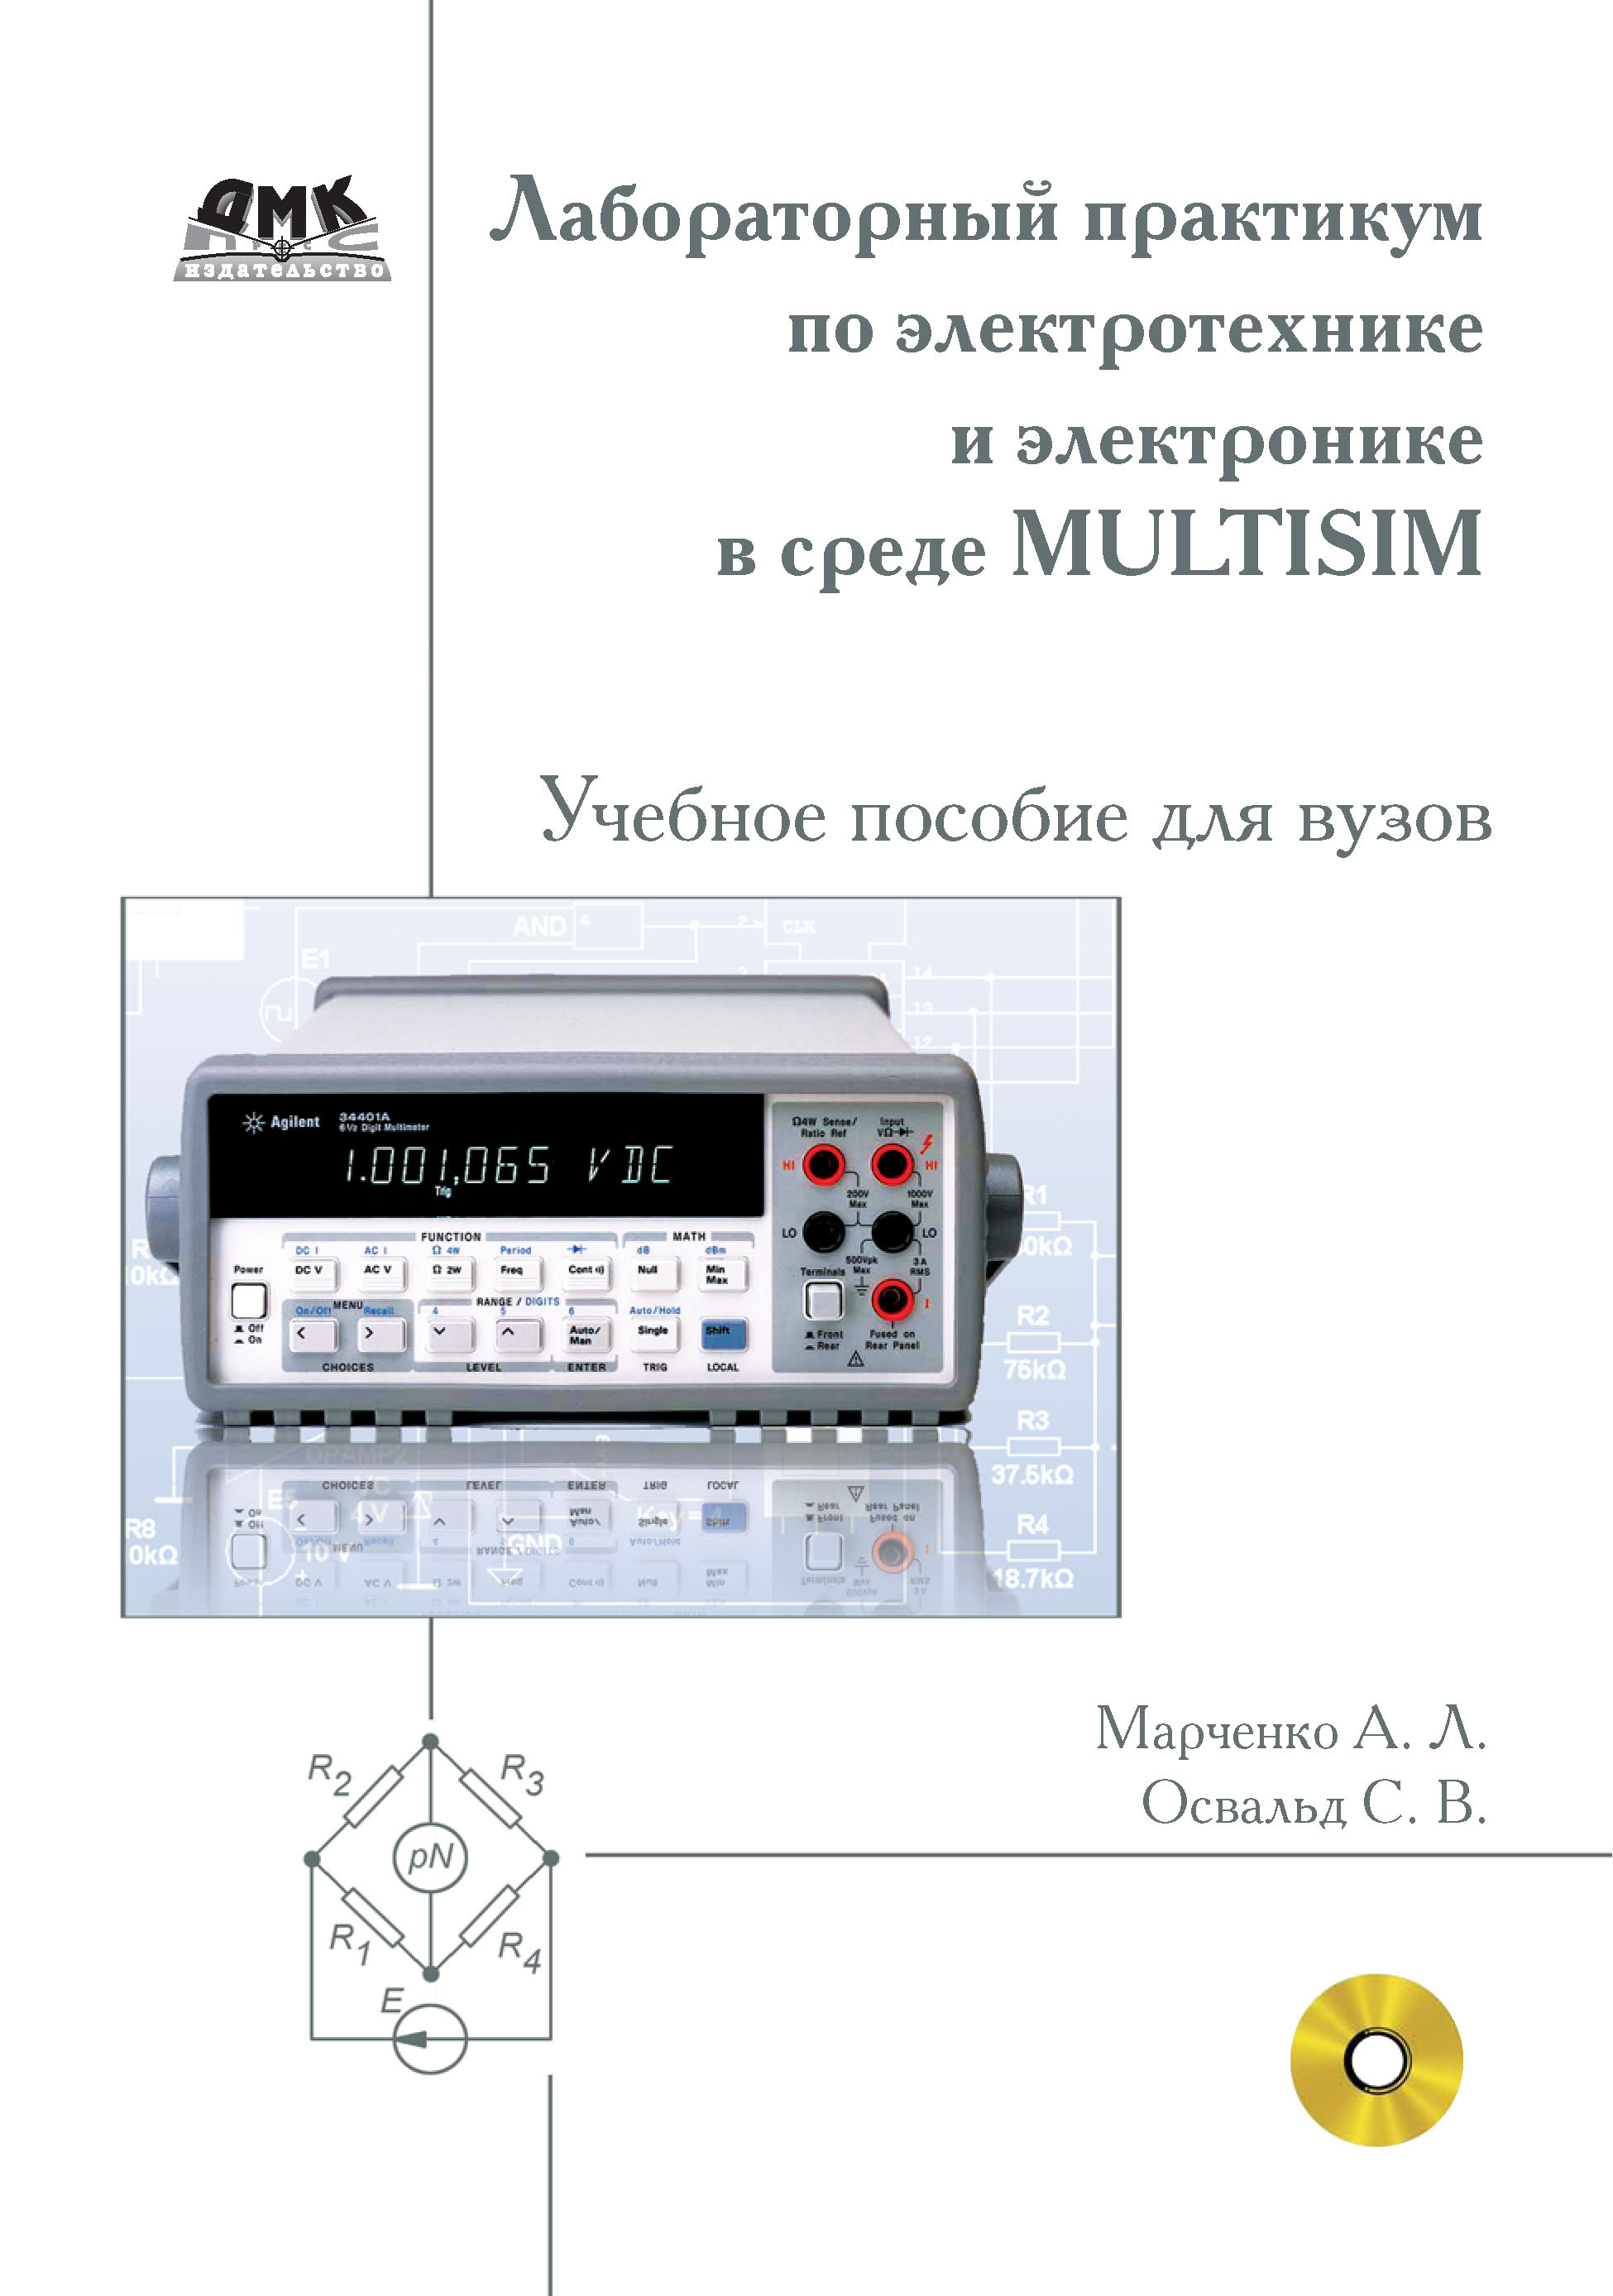 Лабораторный практикум по электротехнике и электронике в среде Multisim. Учебное пособие для вузов